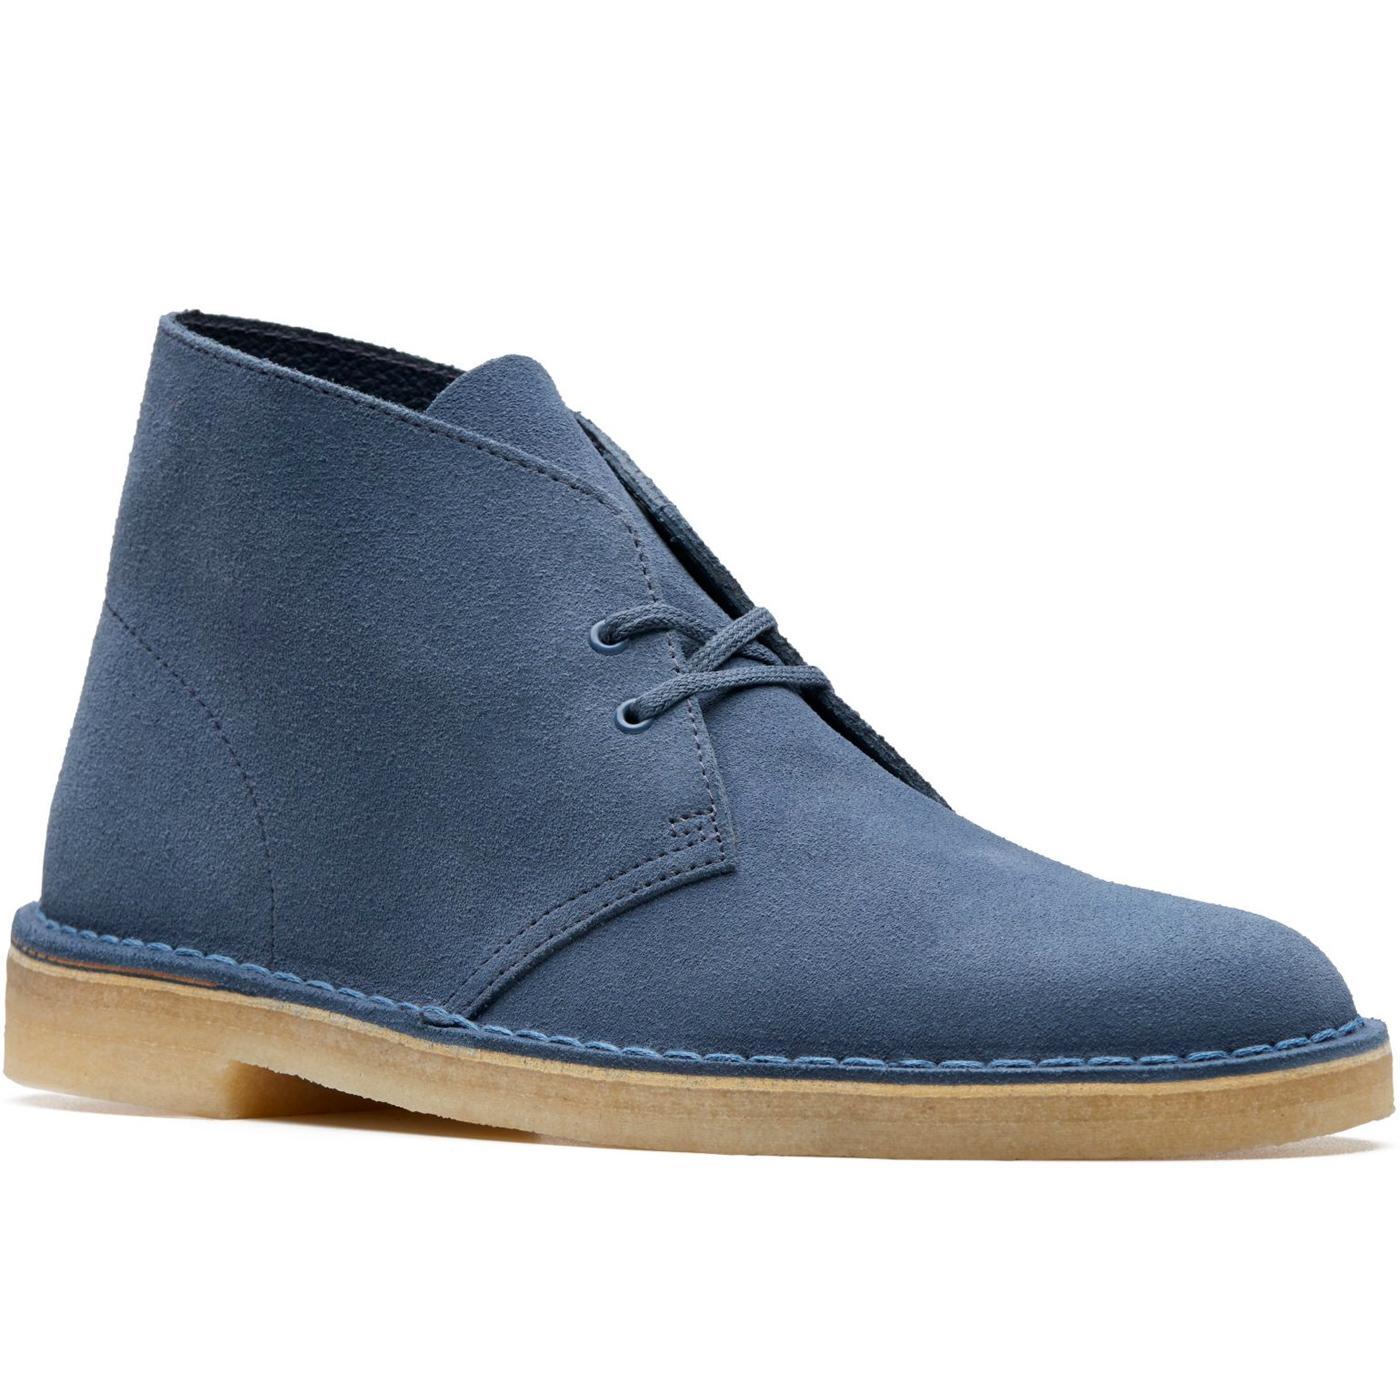 CLARKS ORIGINALS Mod Suede Desert Boots DEEP BLUE